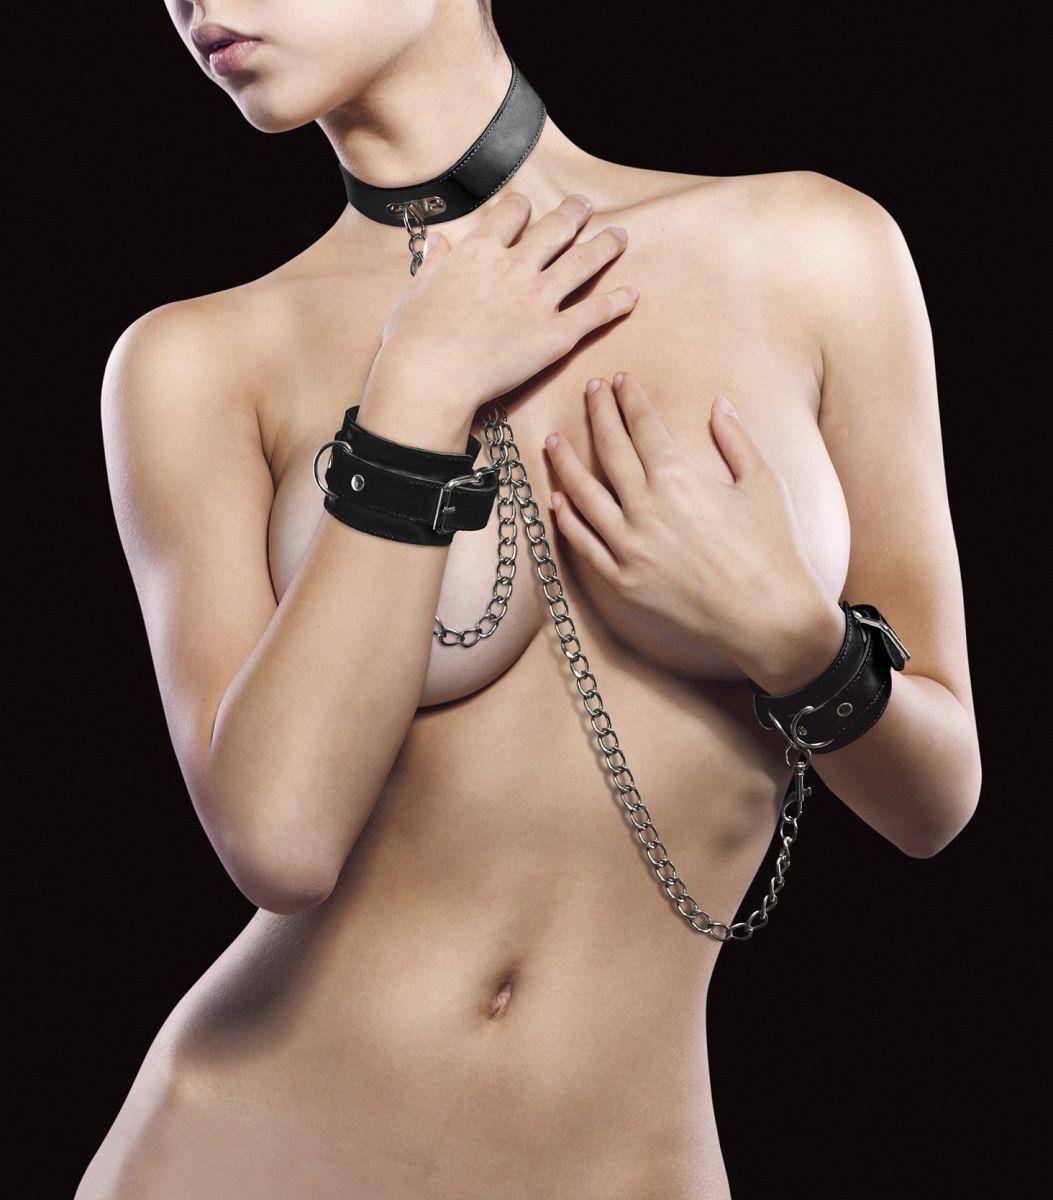 Чёрный комплект для бондажа Leather Collar and Handcuffs OU100BLK от Shots Media BV